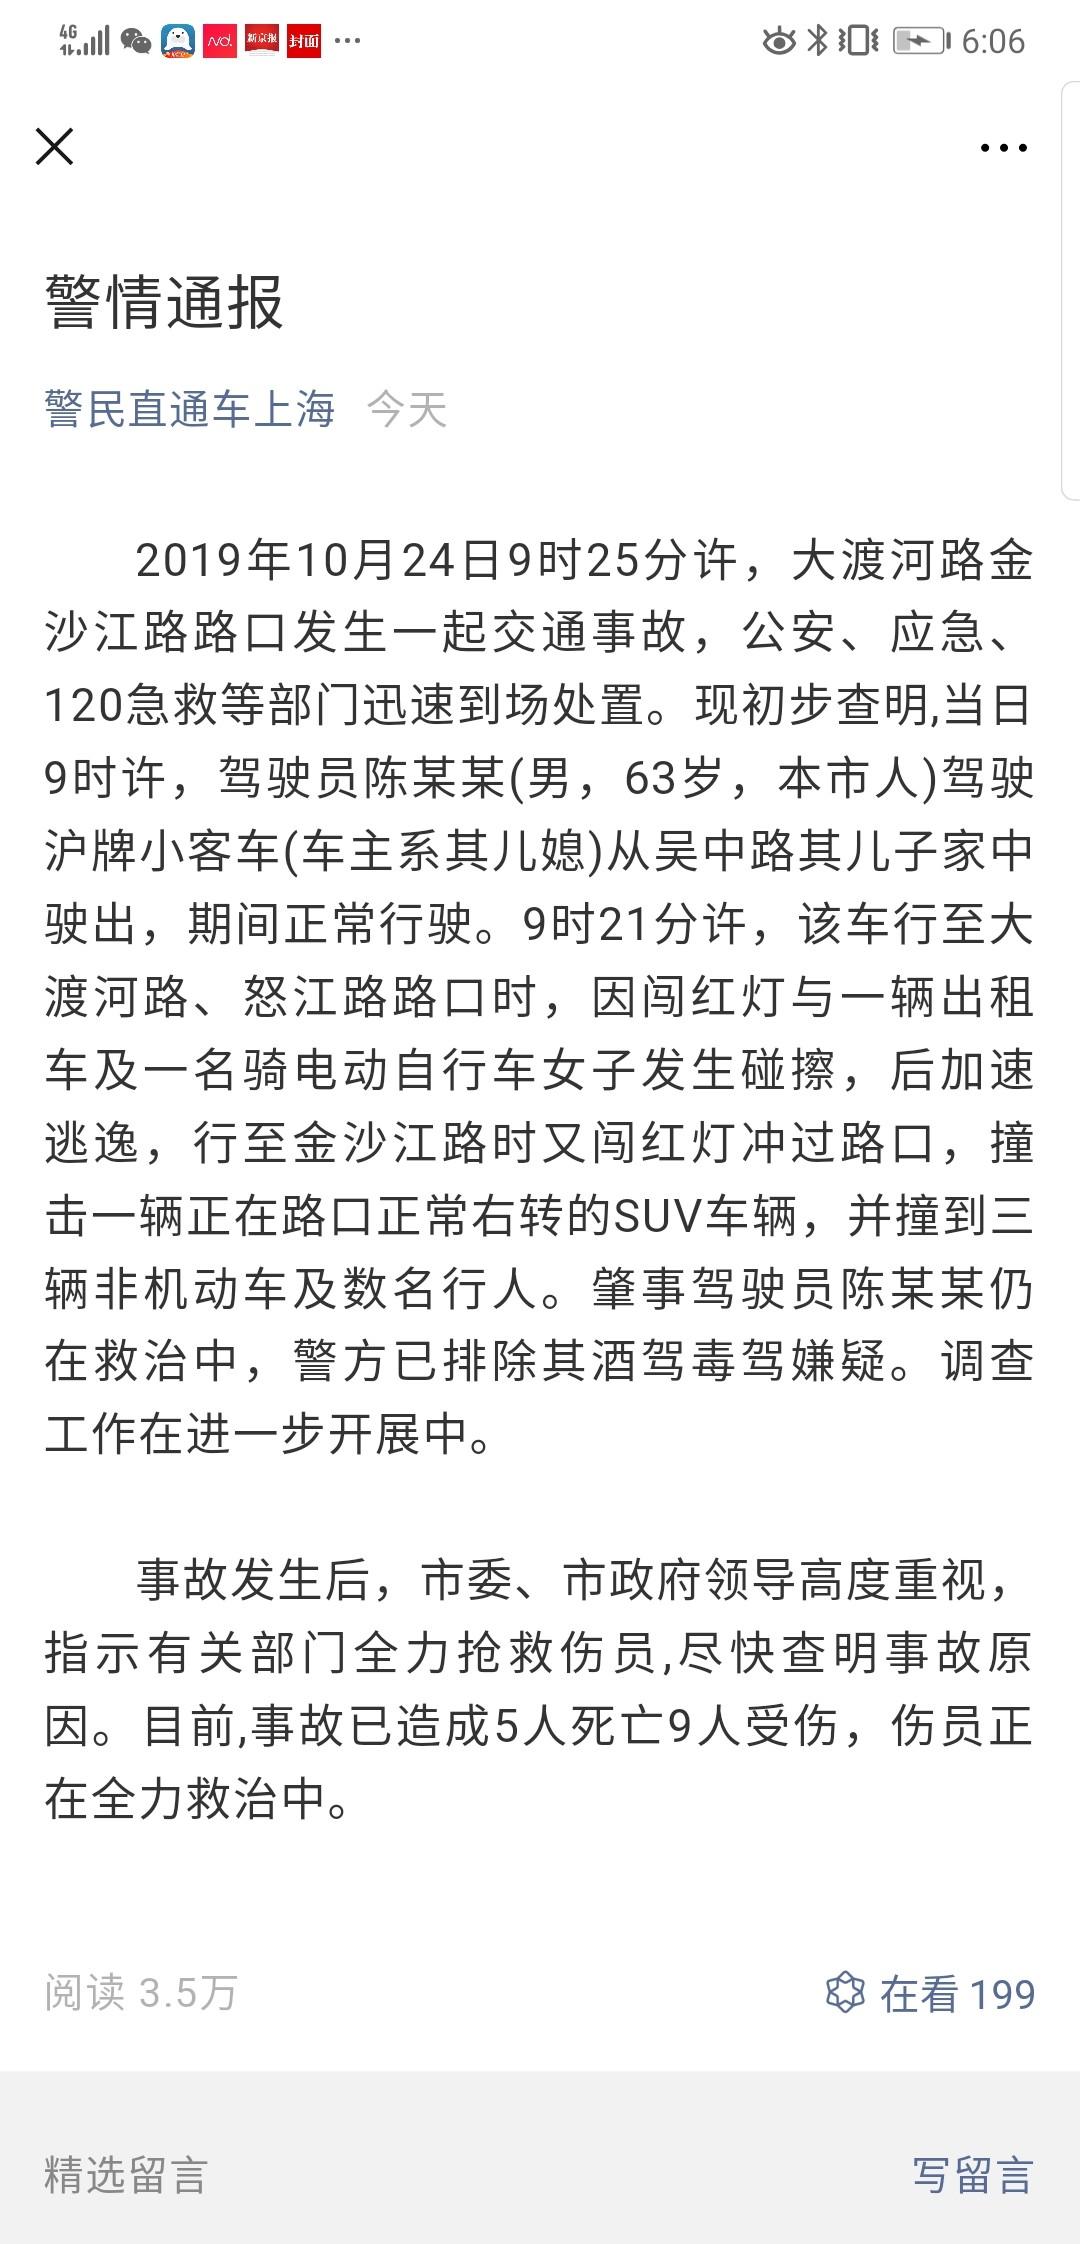 上海通报普陀交通事故:已造成5